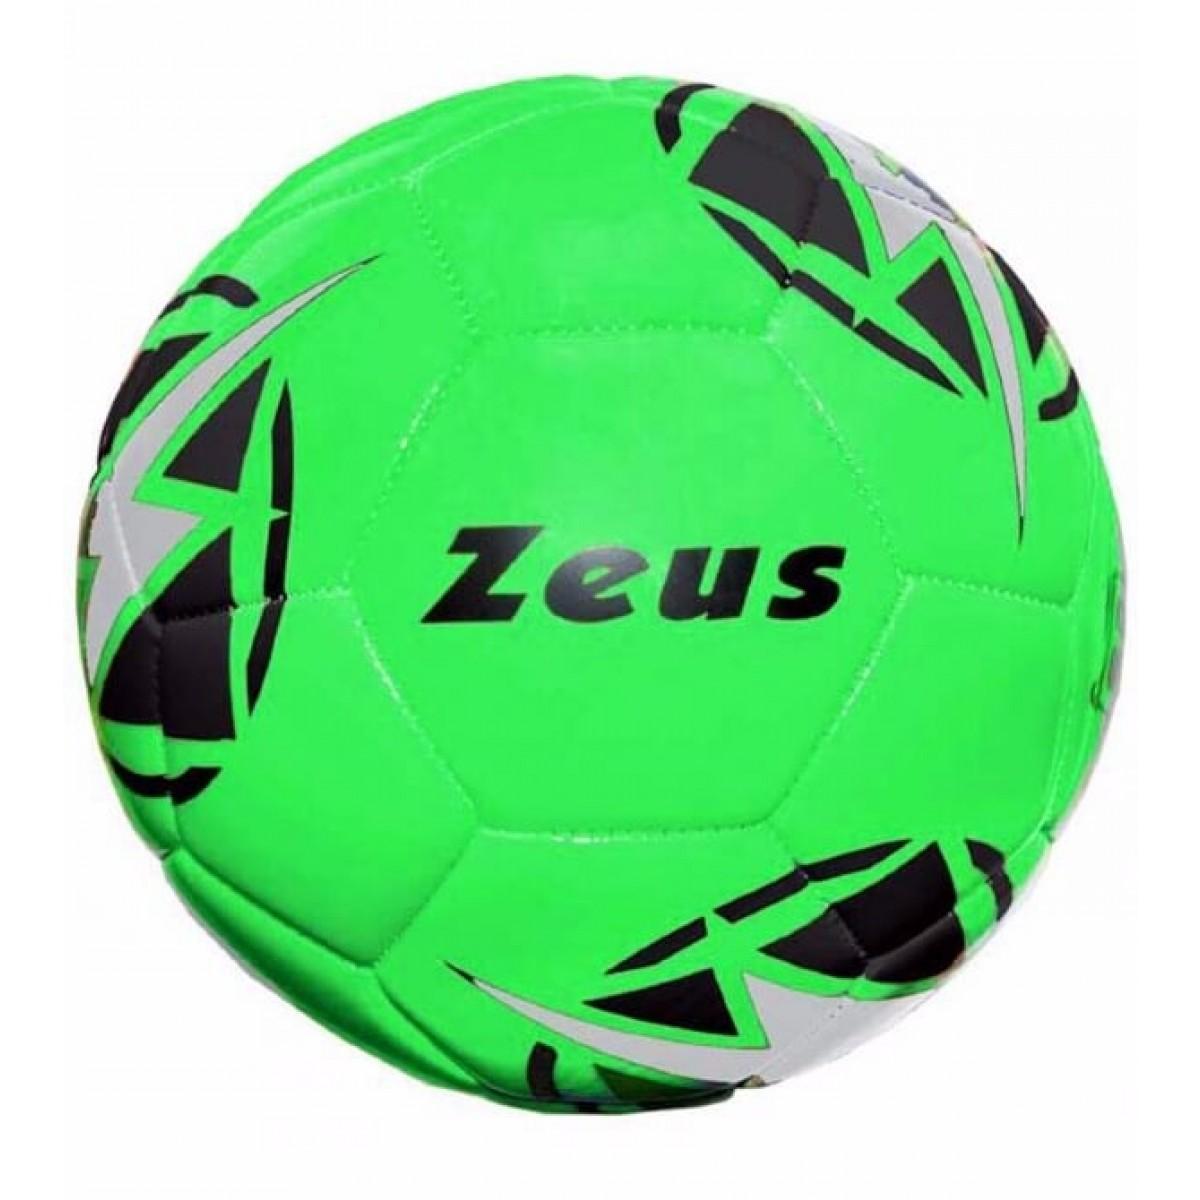 Zeus Kalypso New fodbold neon grøn